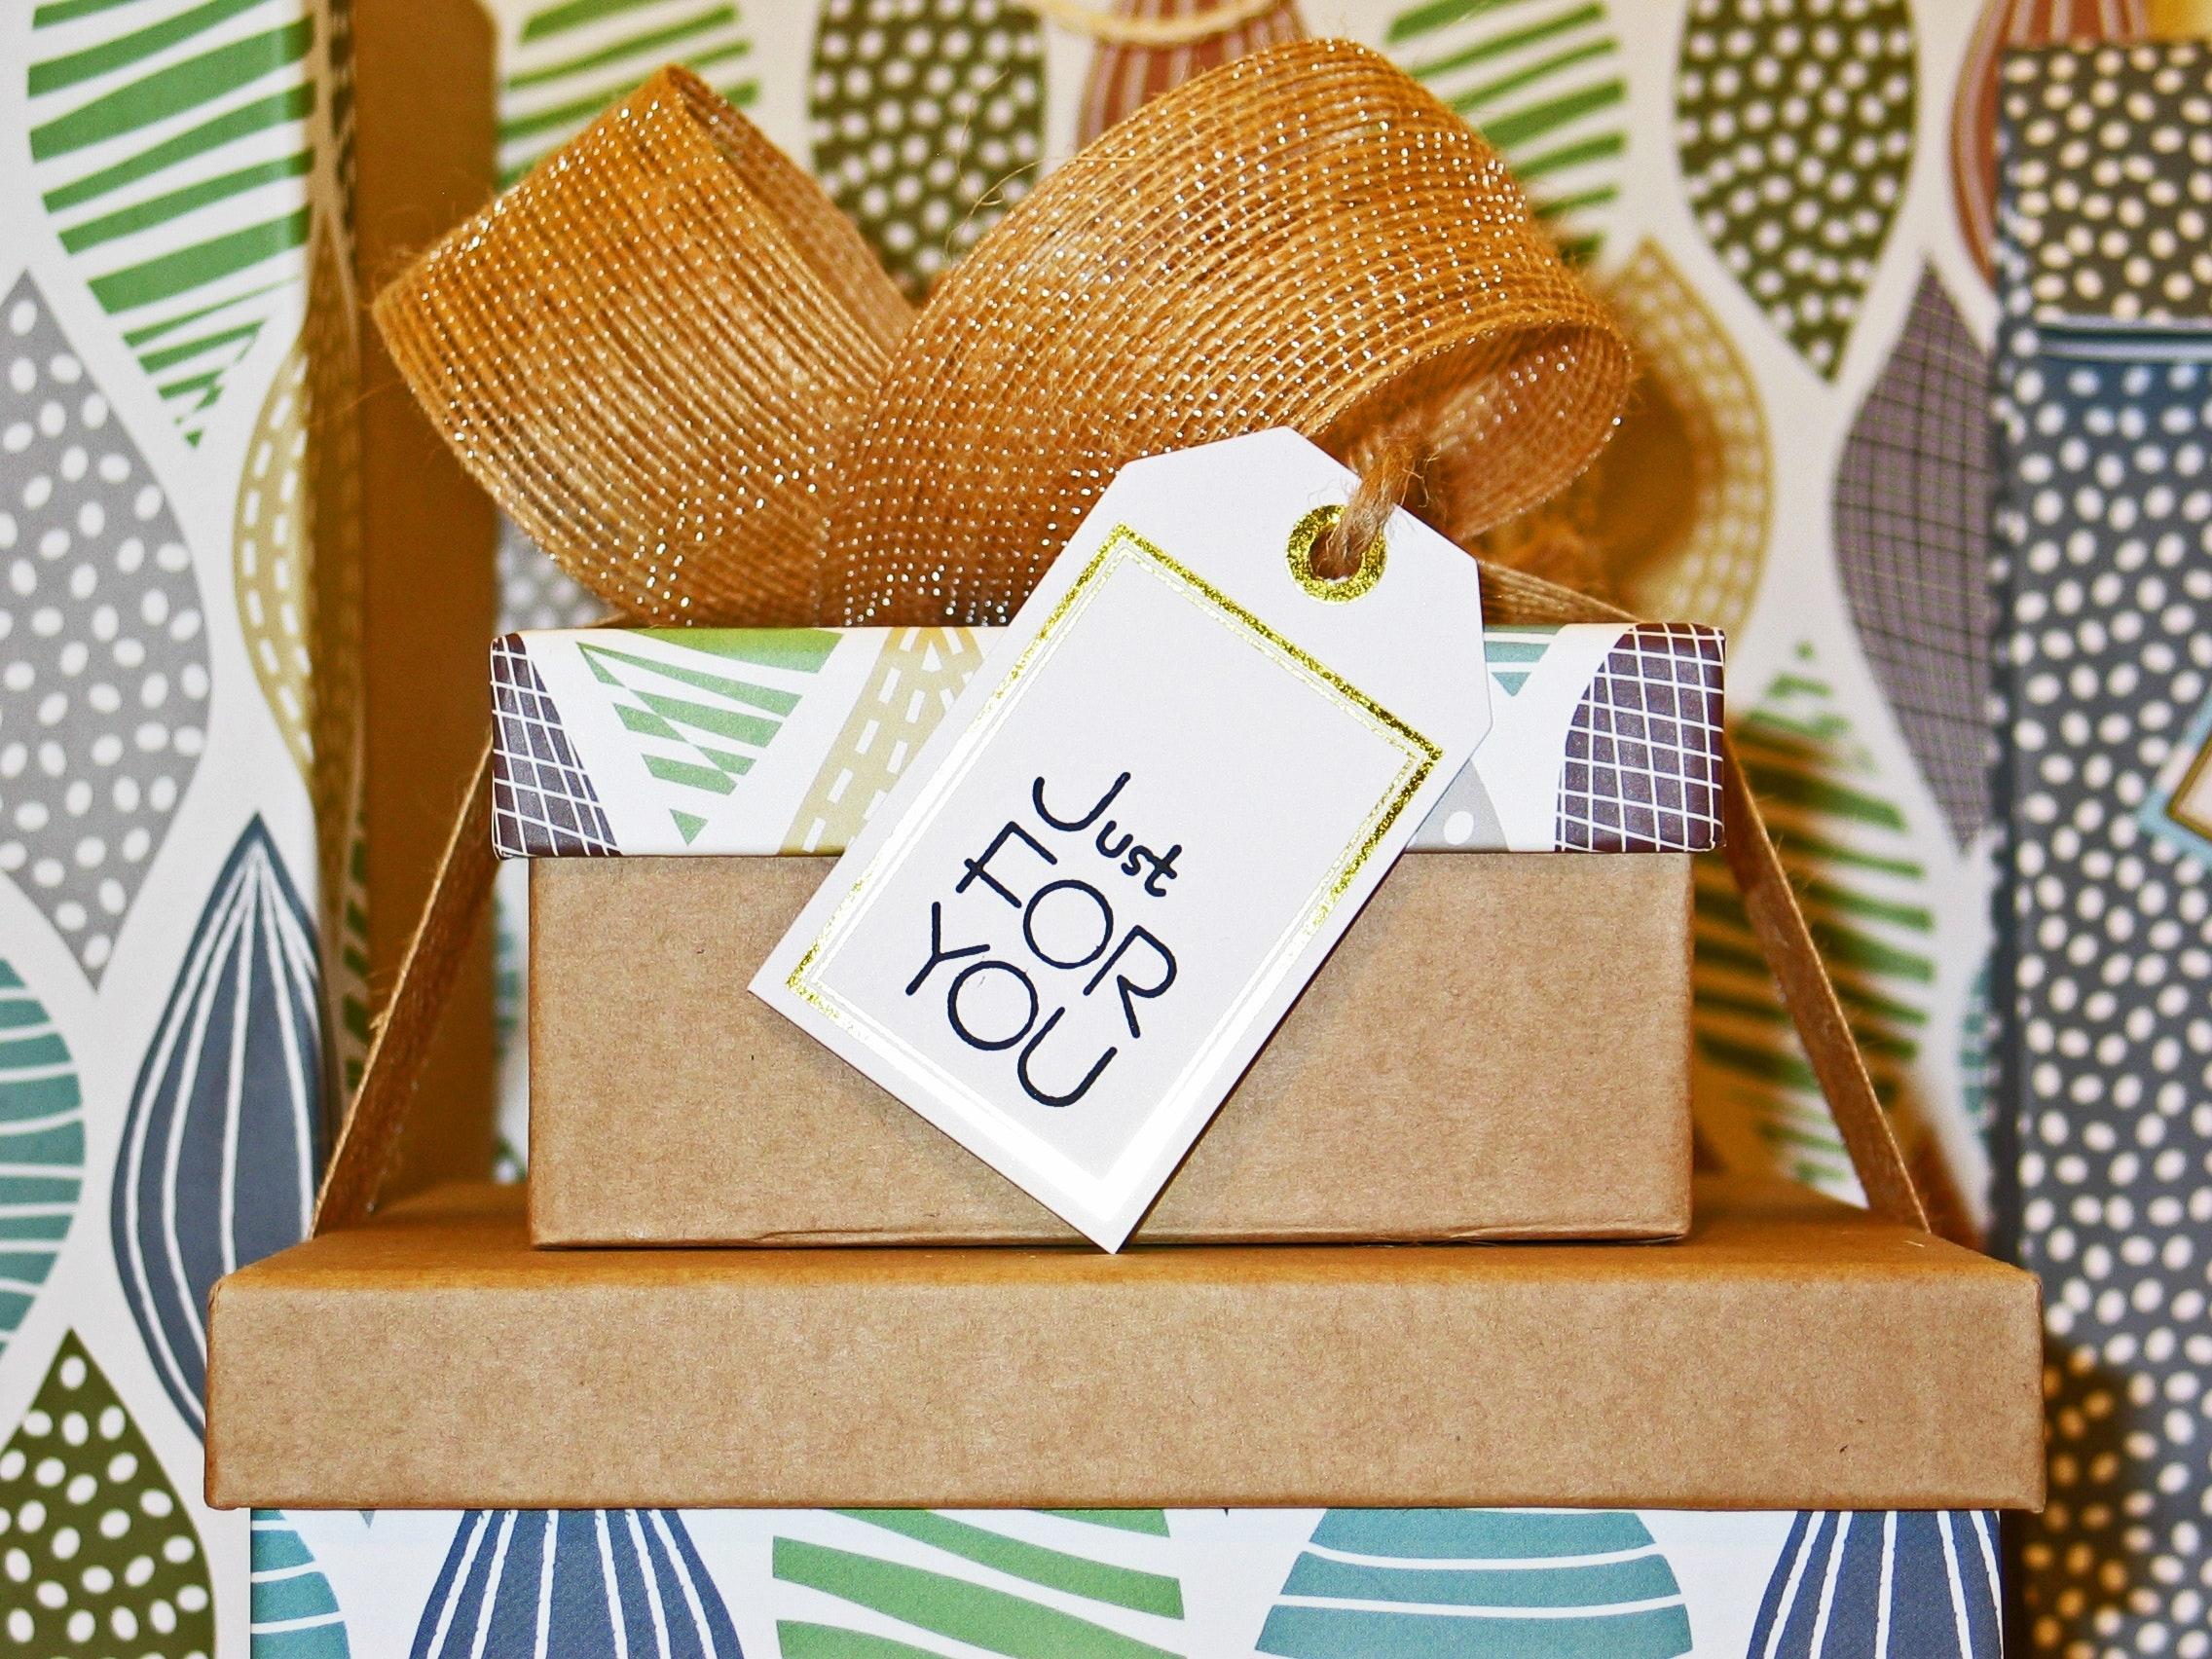 birthday-bow-box-264771.jpg